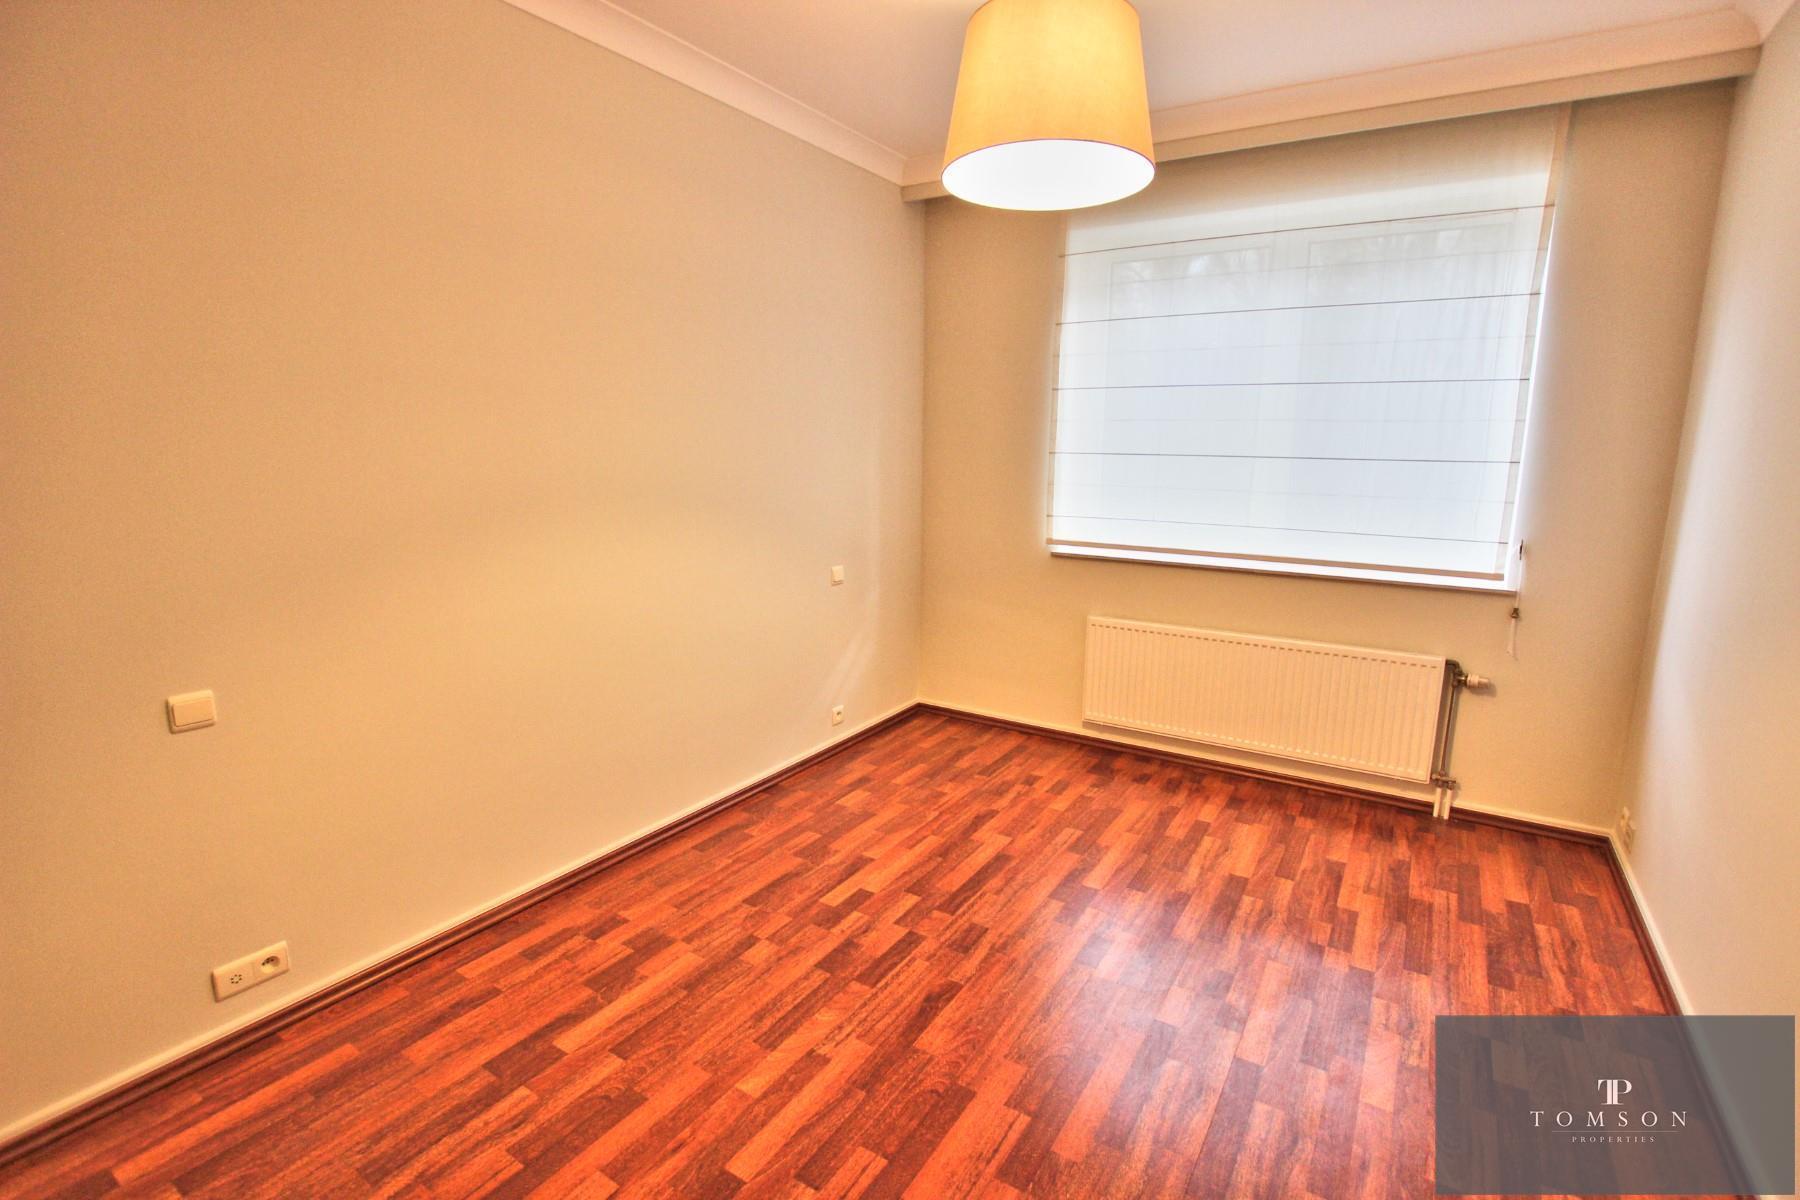 Appartement - Ixelles - #4142278-5